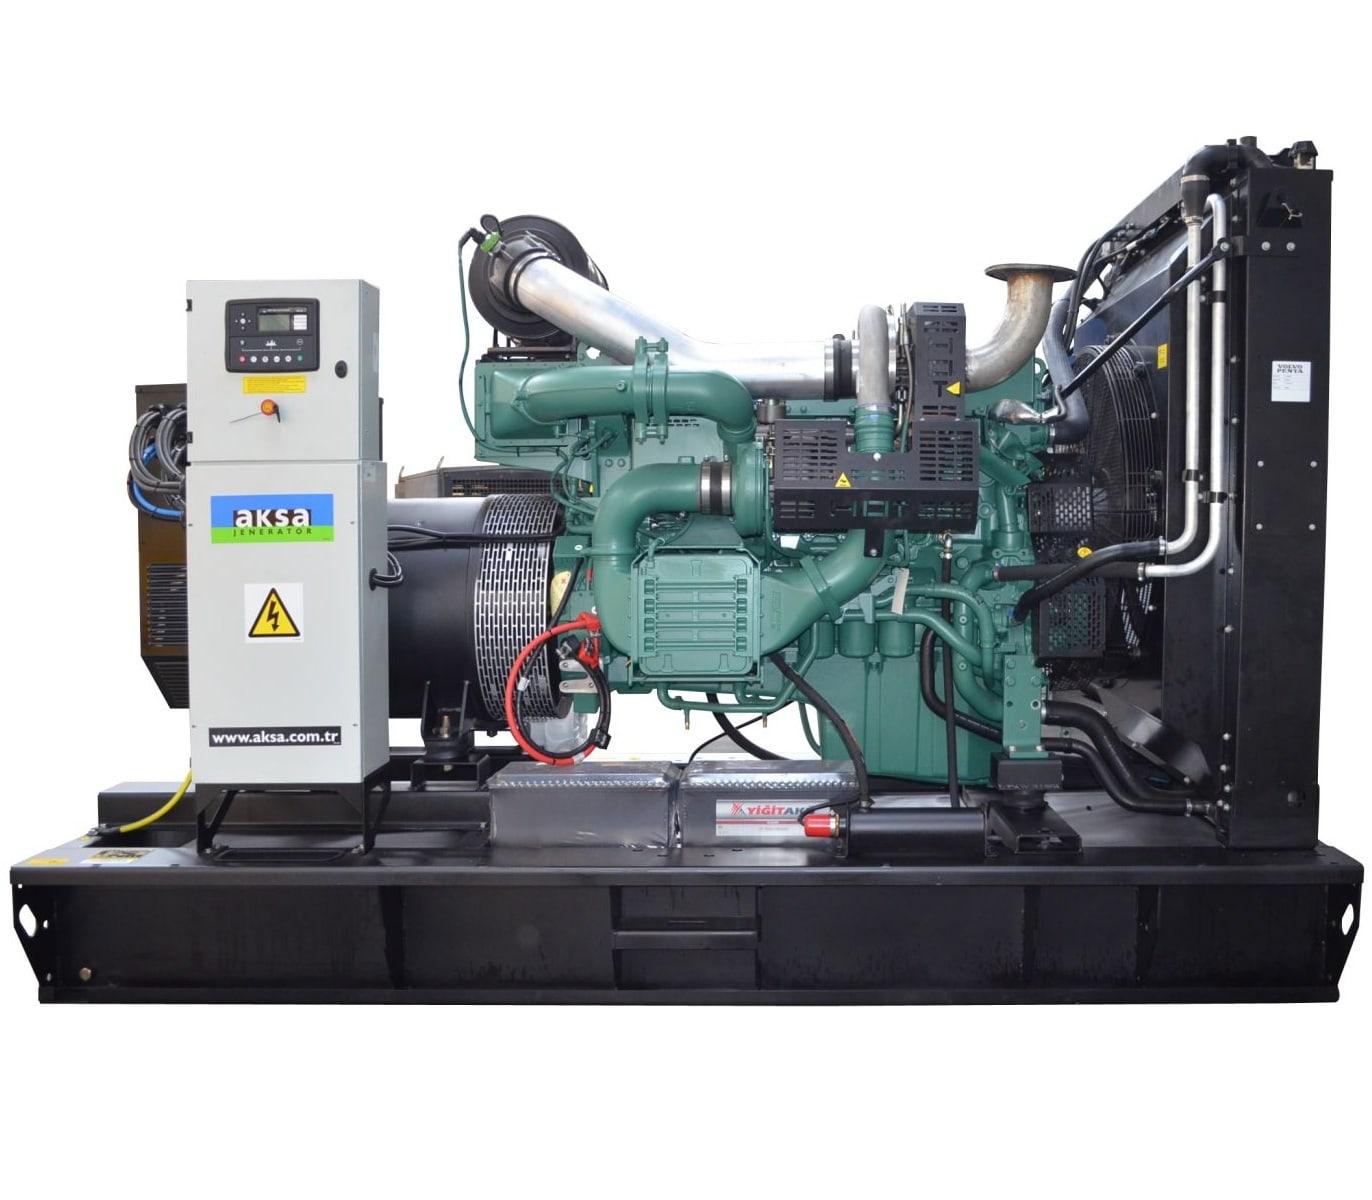 дизельная электростанция aksa avp-550